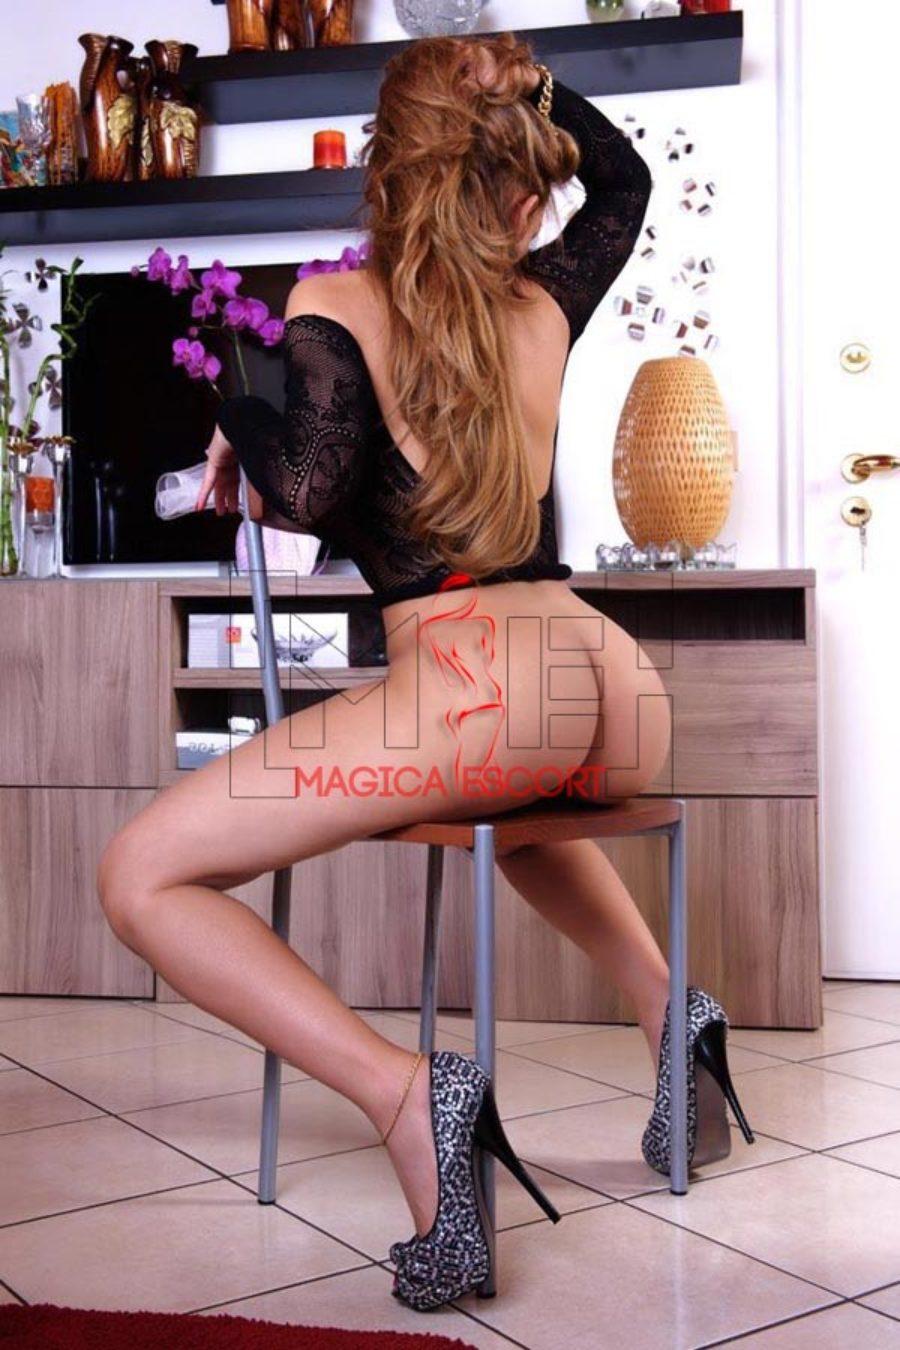 Karla splendida modella è nuda in una posa molto erotica sulla sedia di casa.